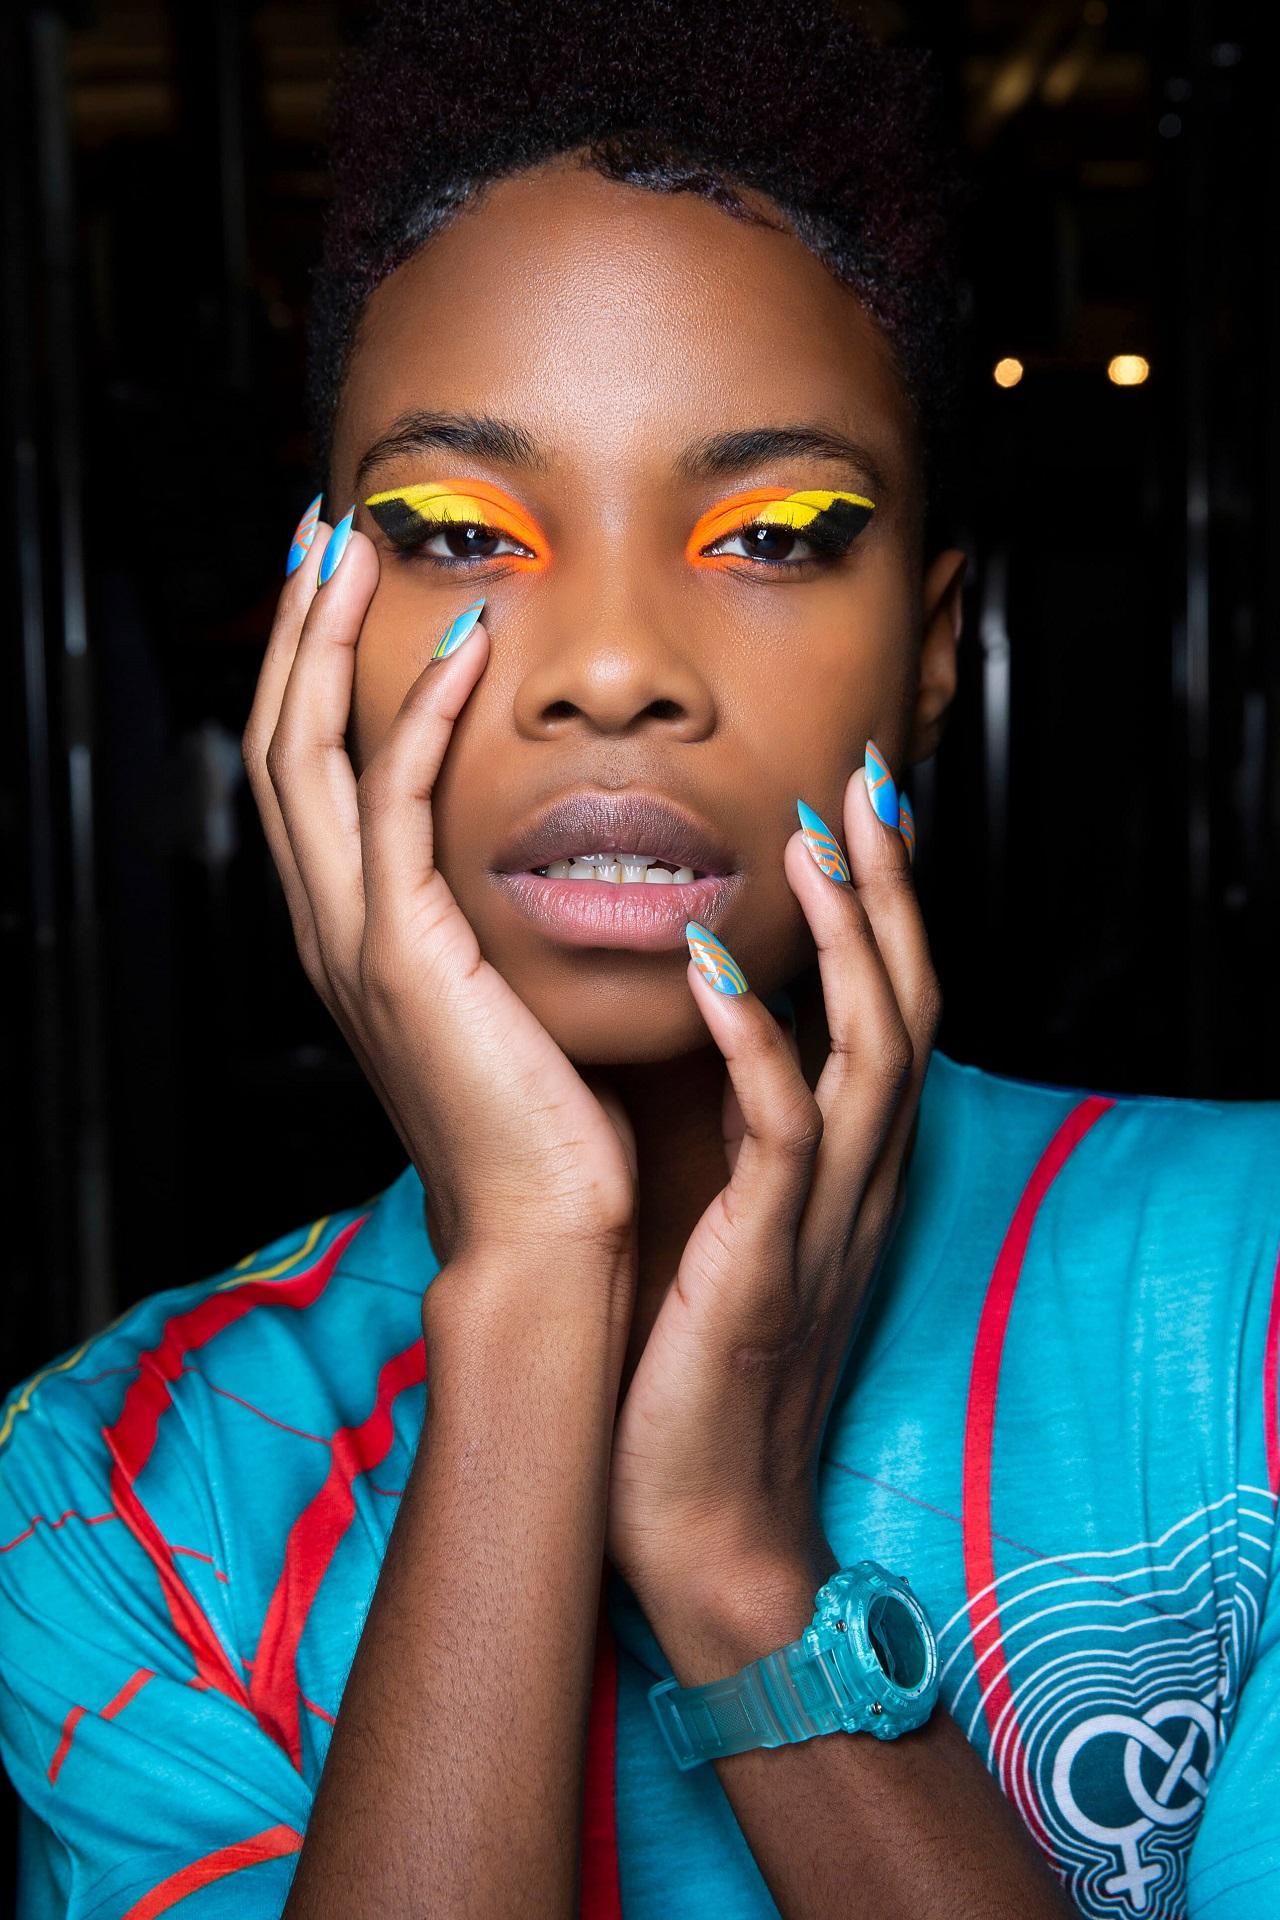 Подиумные тенденции: 10 модных дизайнов маникюра 2021 года-Фото 4